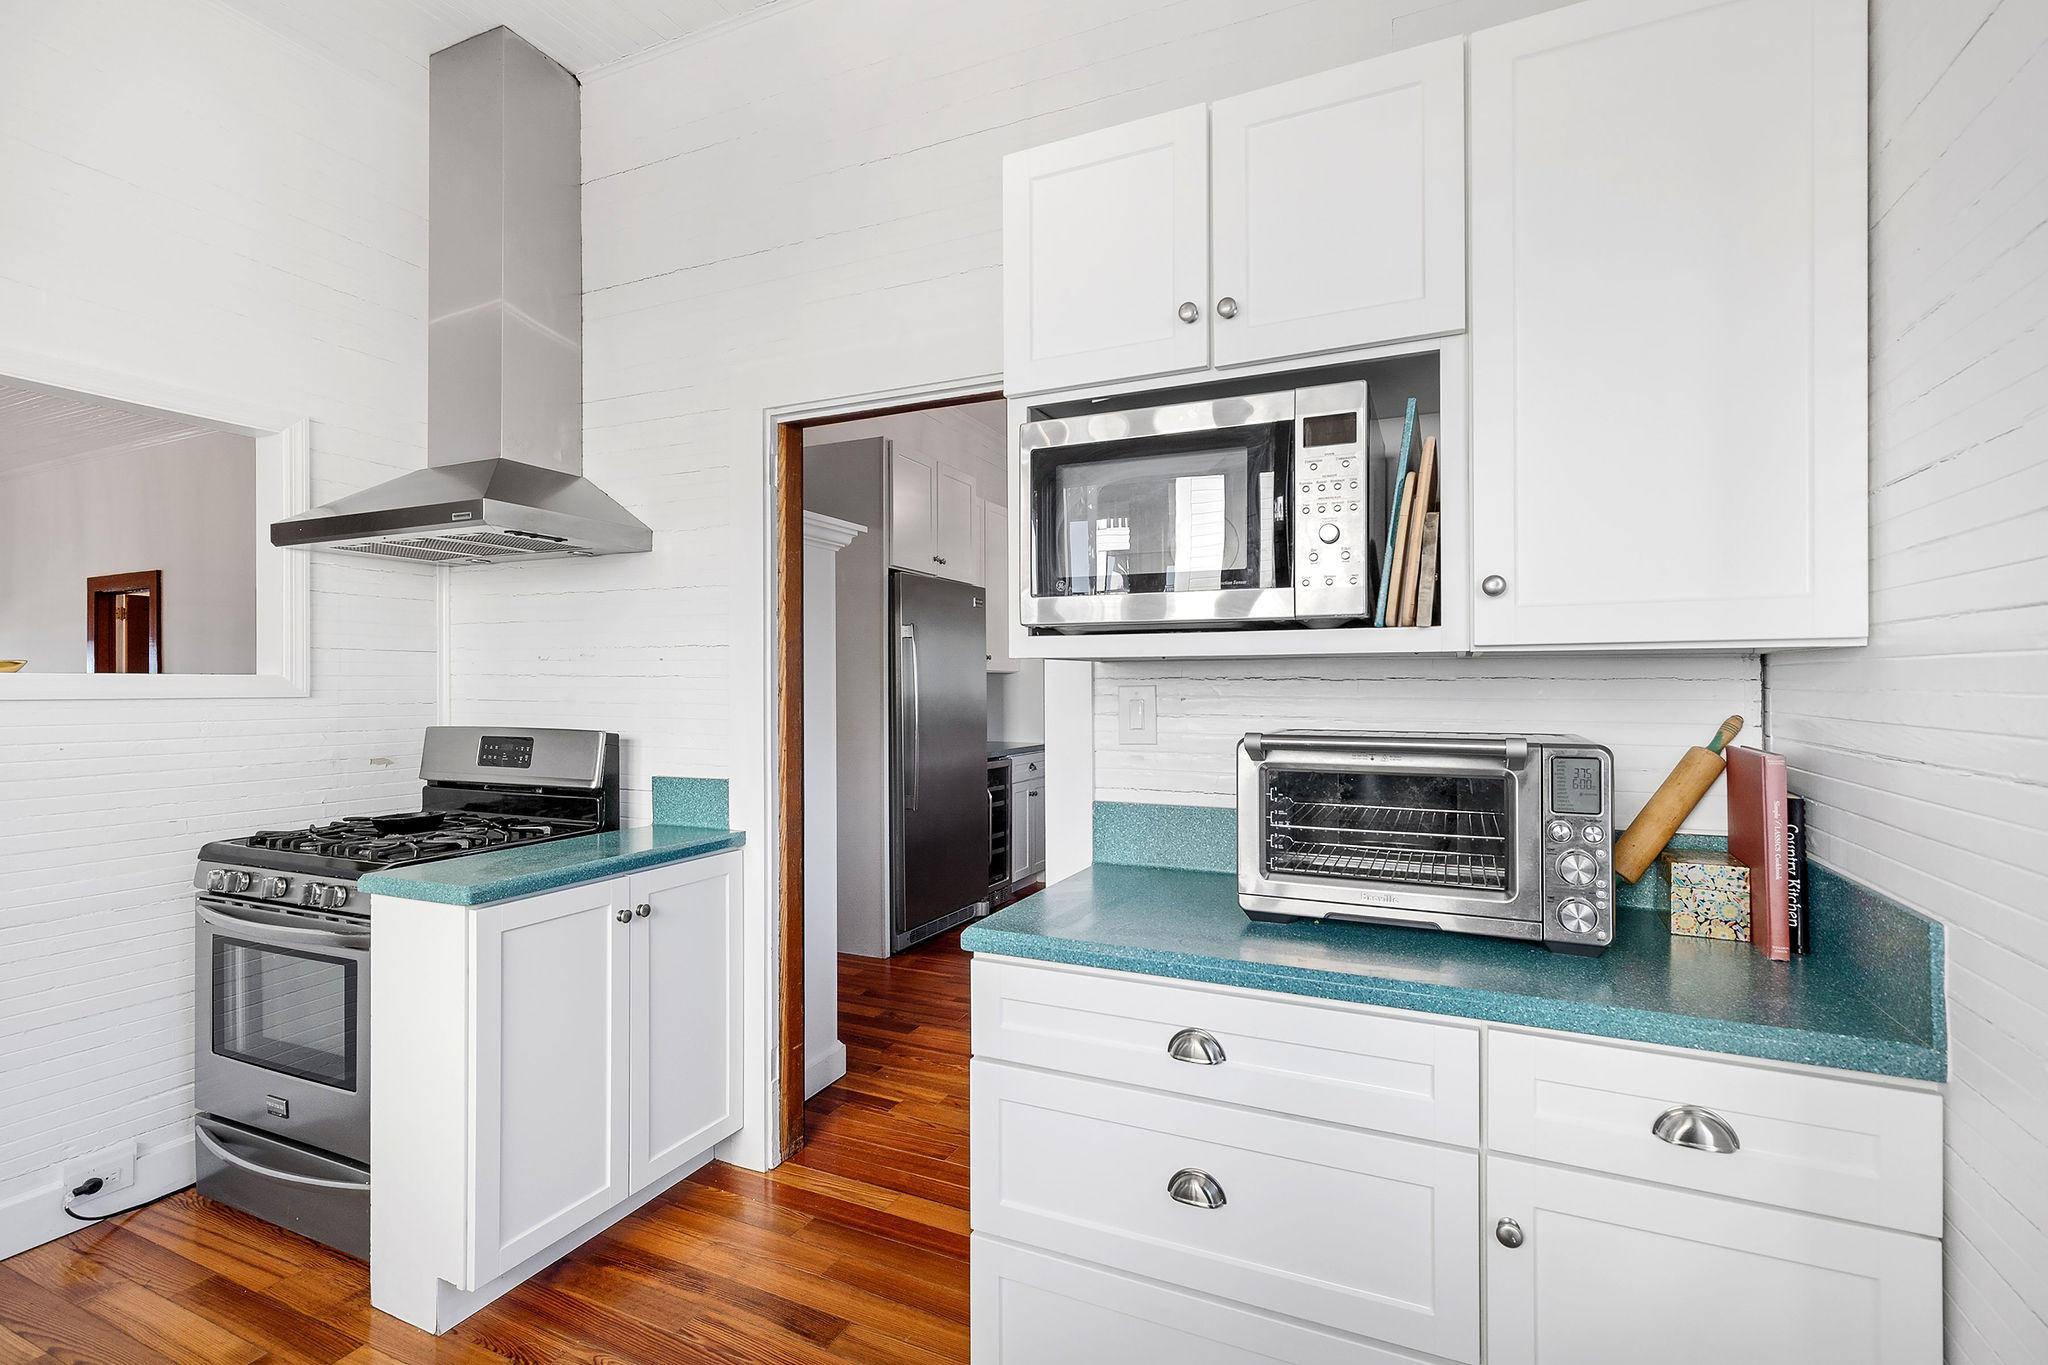 Folly Beach Homes For Sale - 509 Ashley, Folly Beach, SC - 23